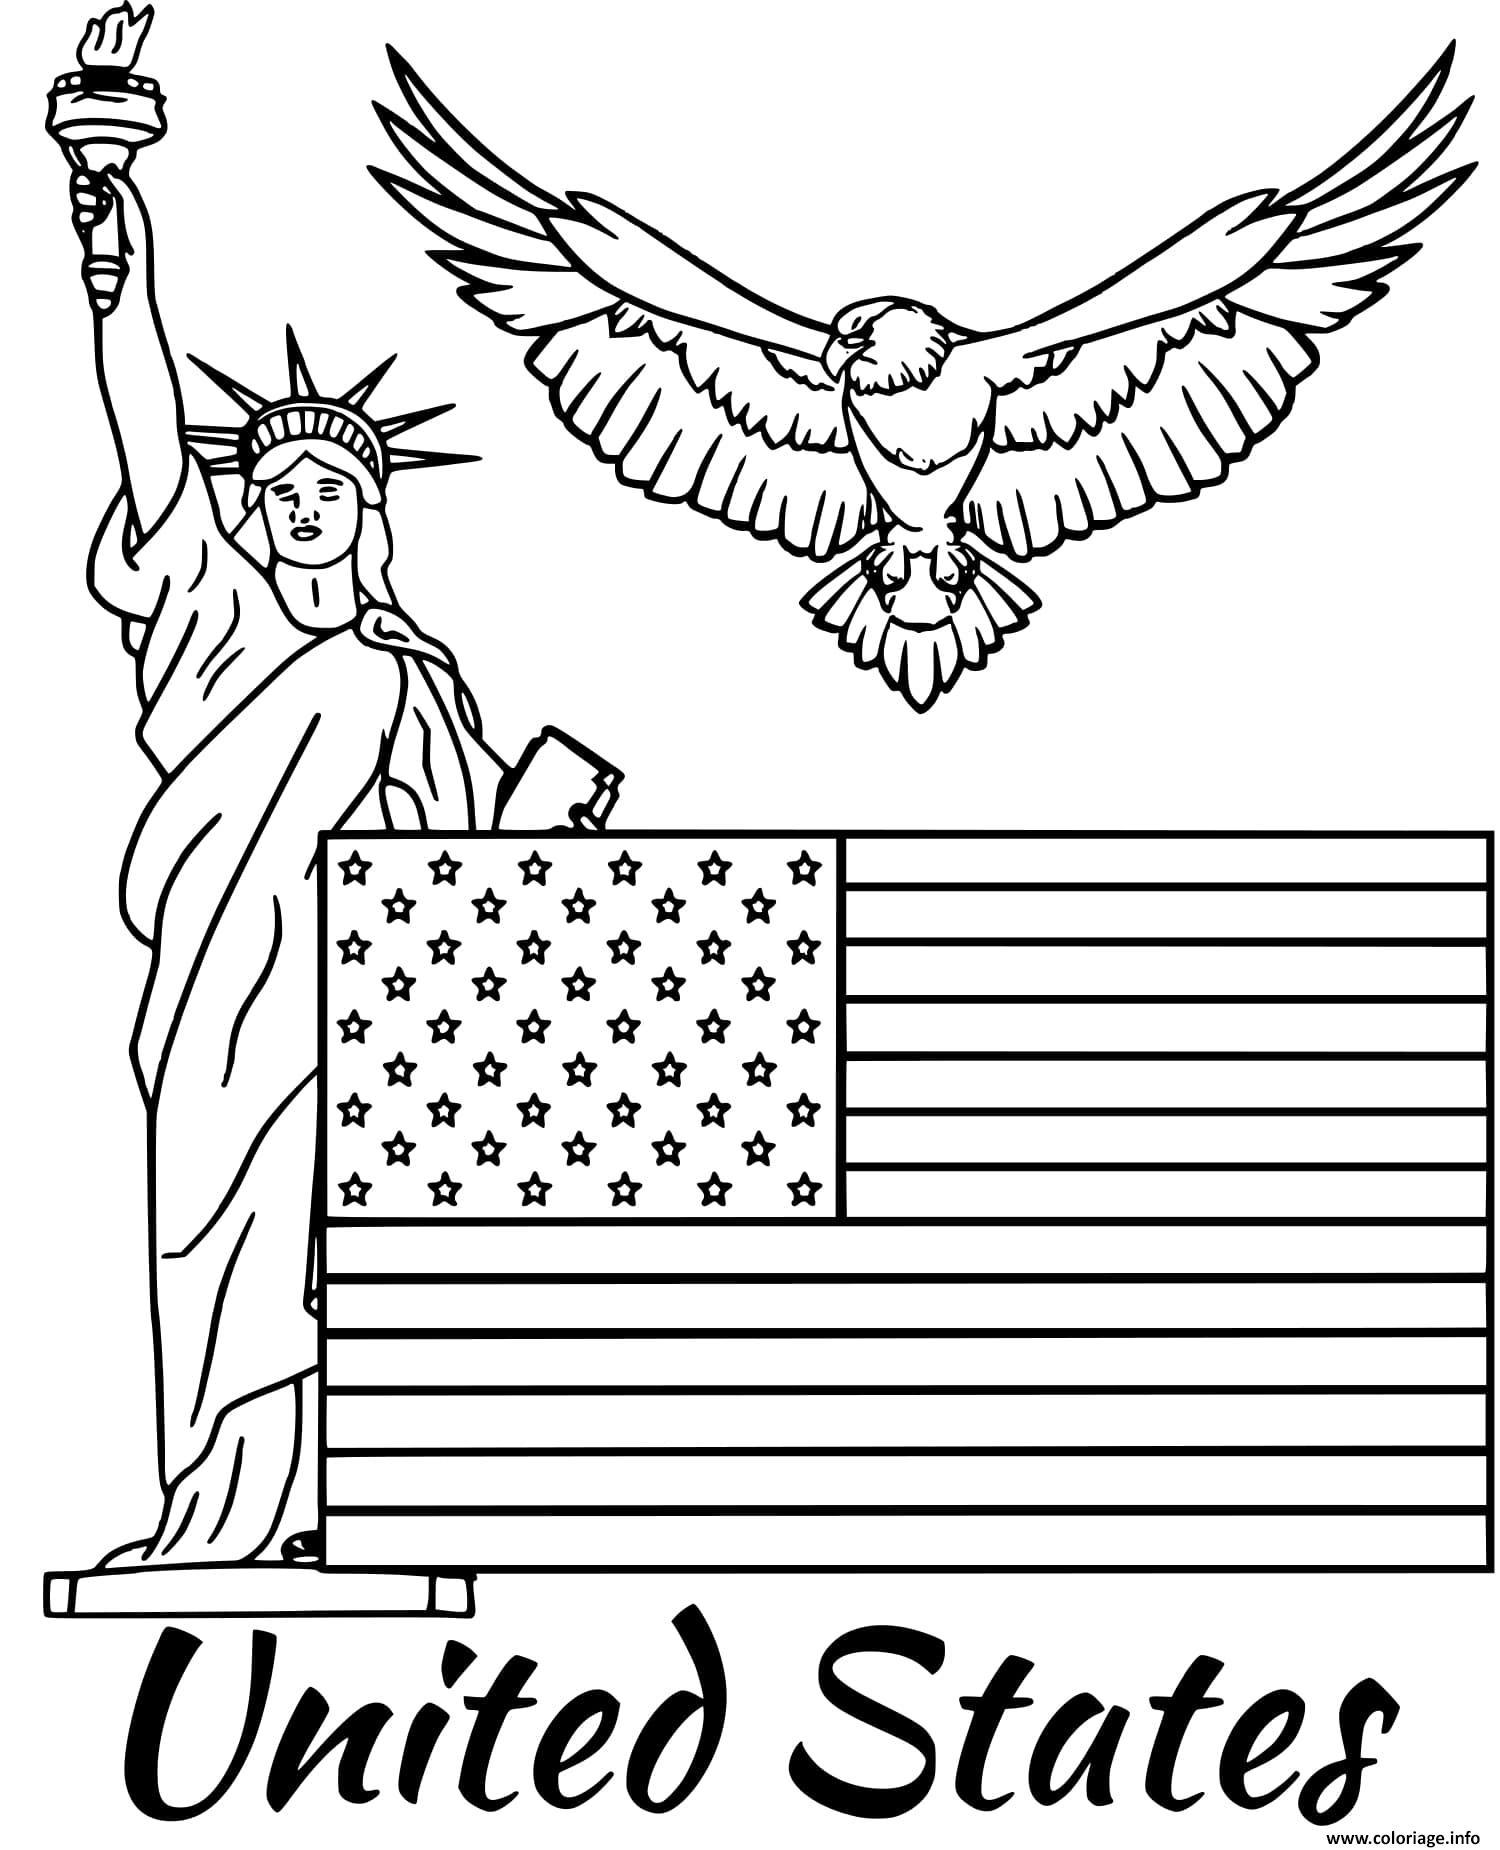 Dessin etats unis drapeau Coloriage Gratuit à Imprimer